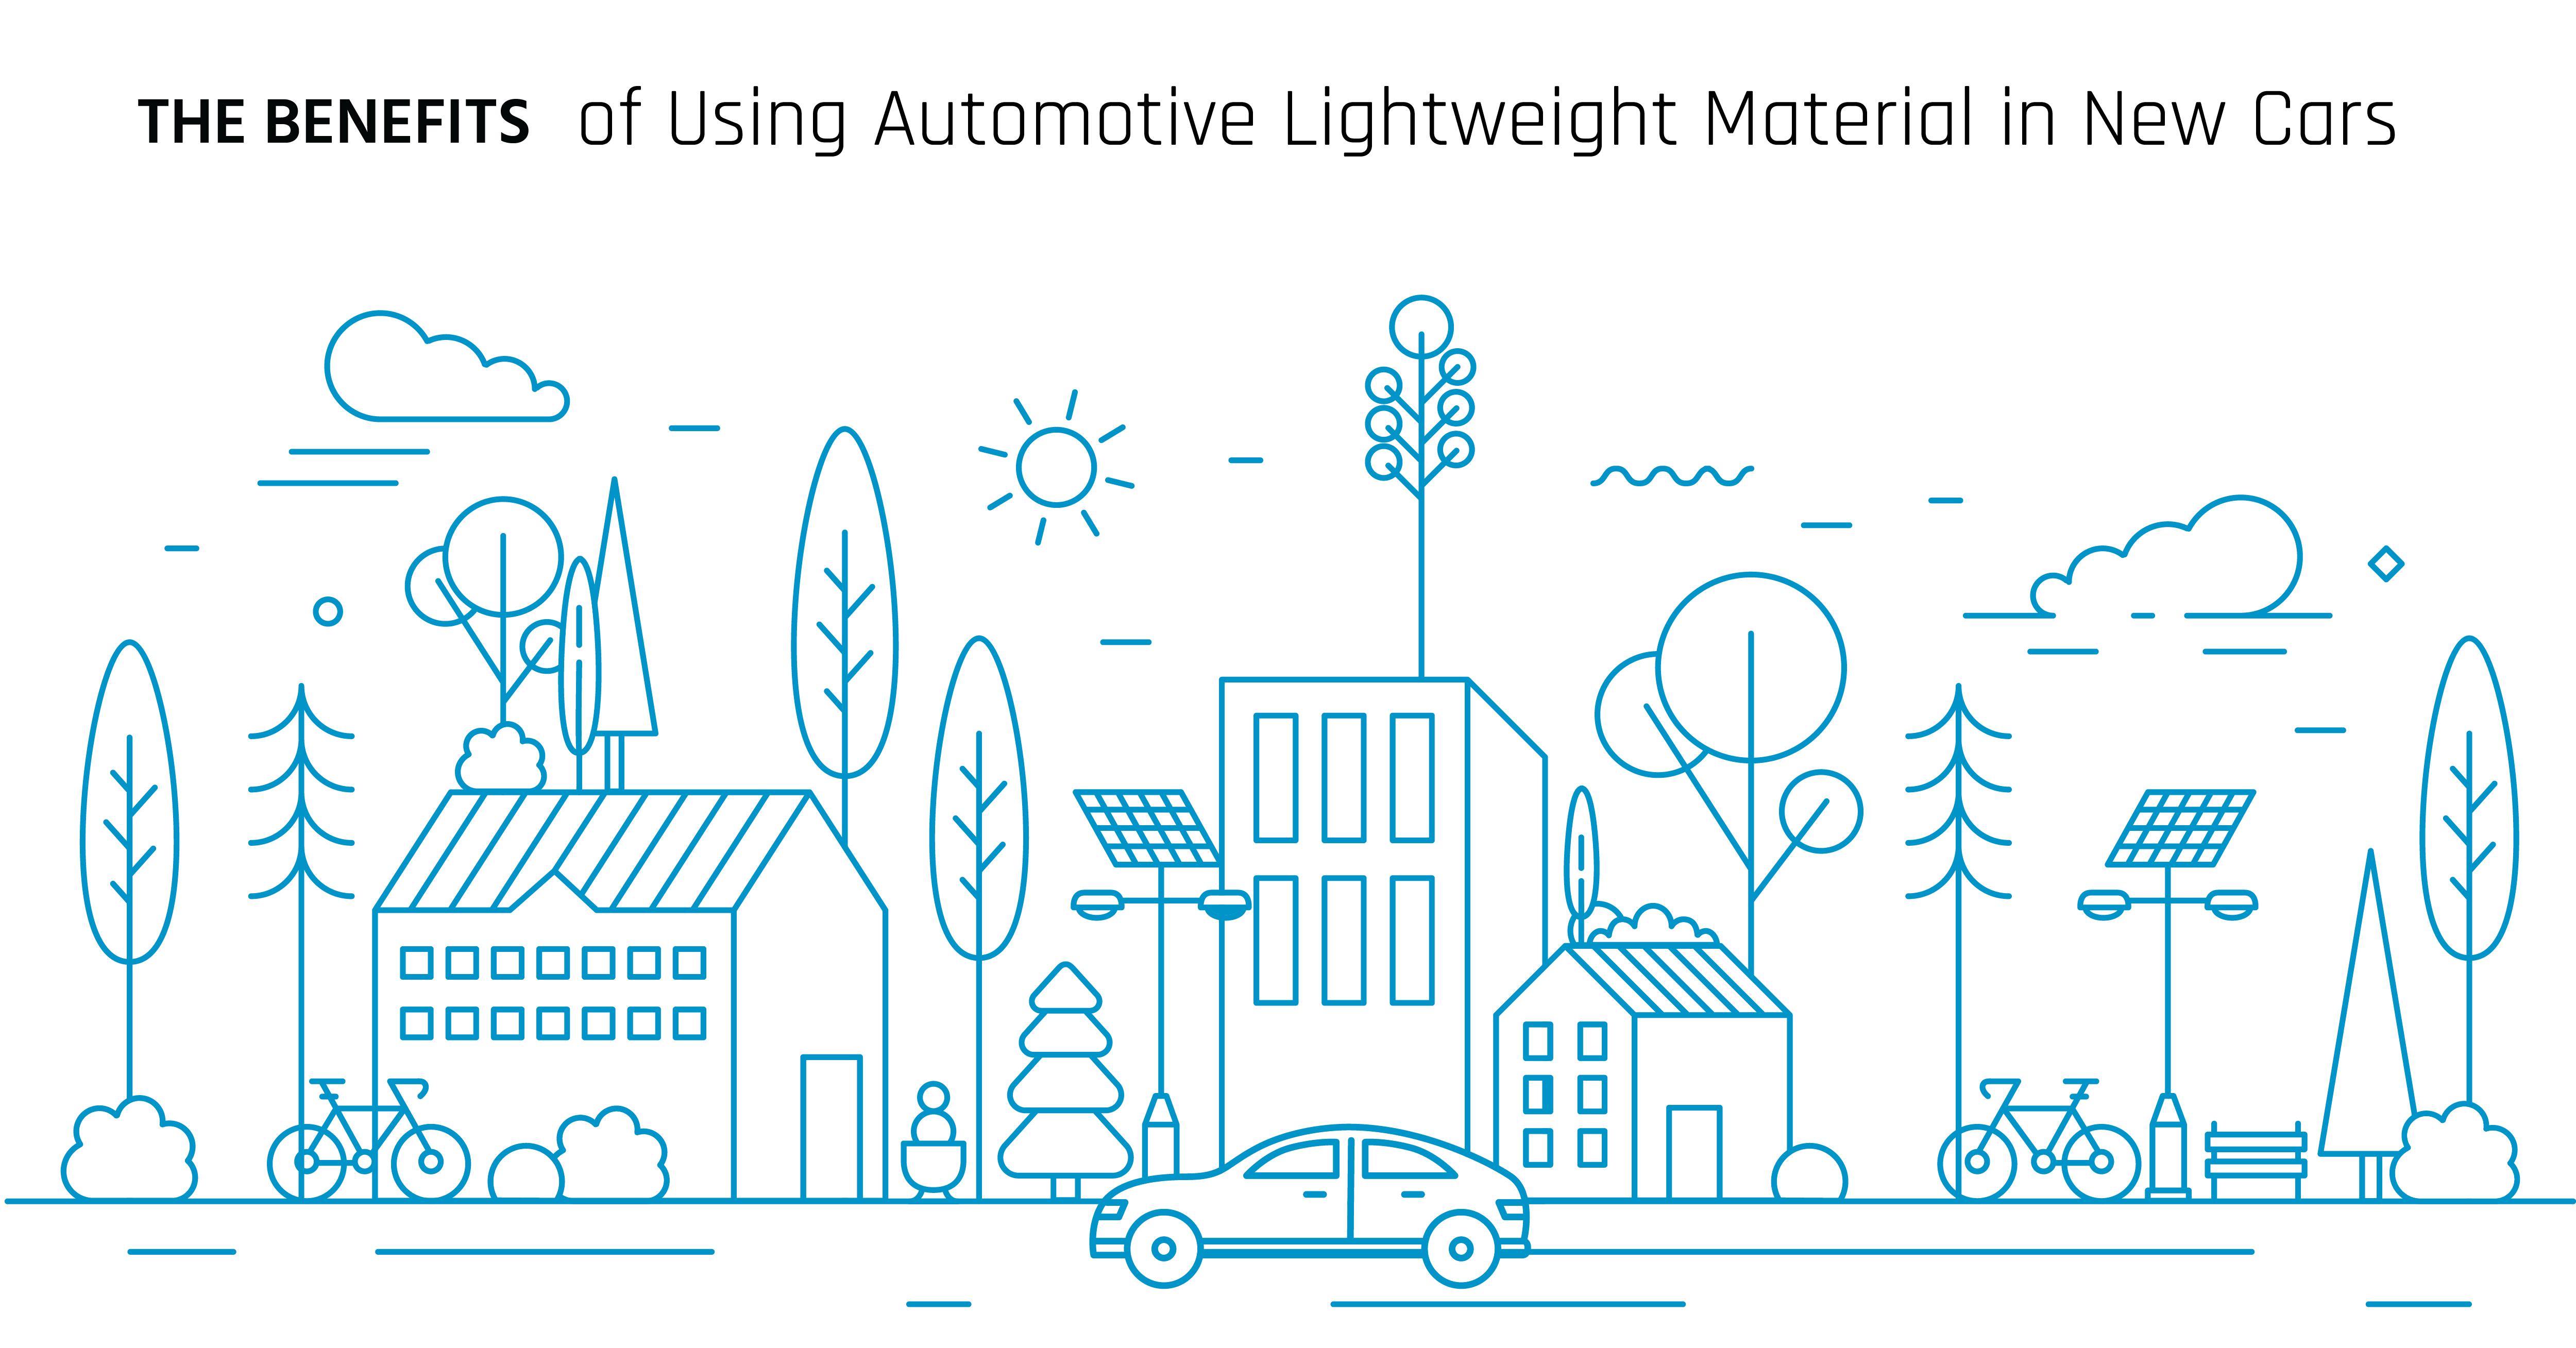 Automotive Lightweight